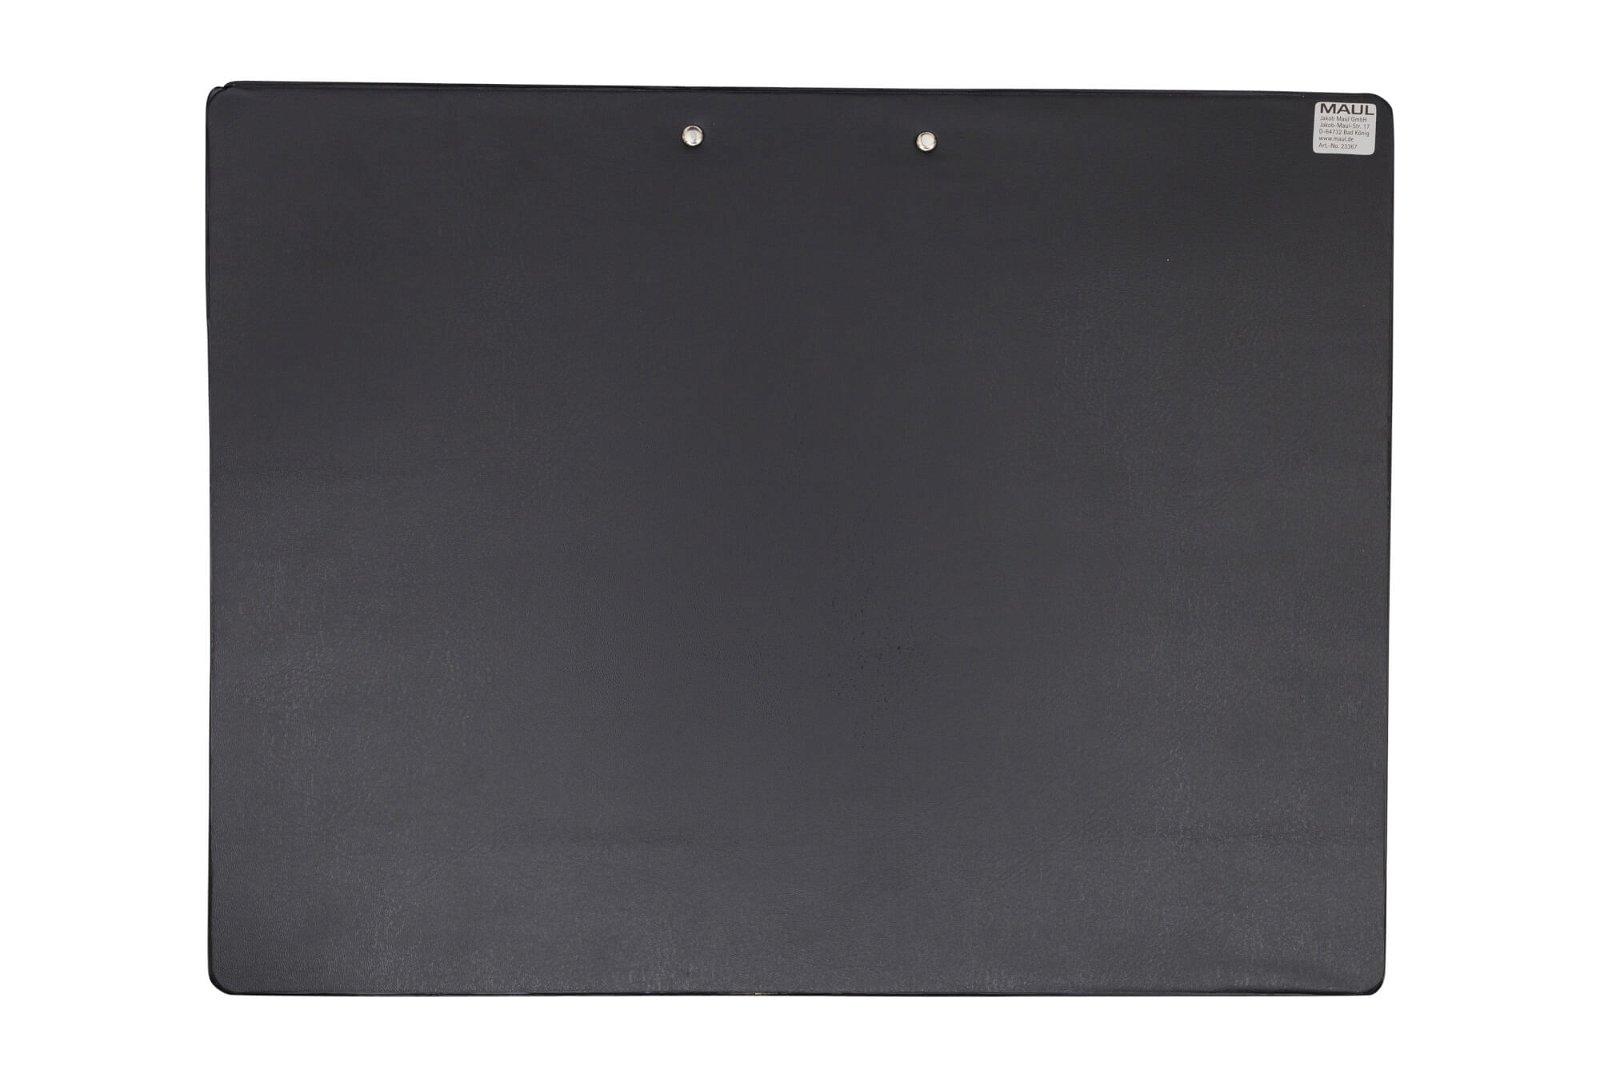 A4 Schreibplatte mit Folien- überzug, Klemmer lange Seite, schwarz